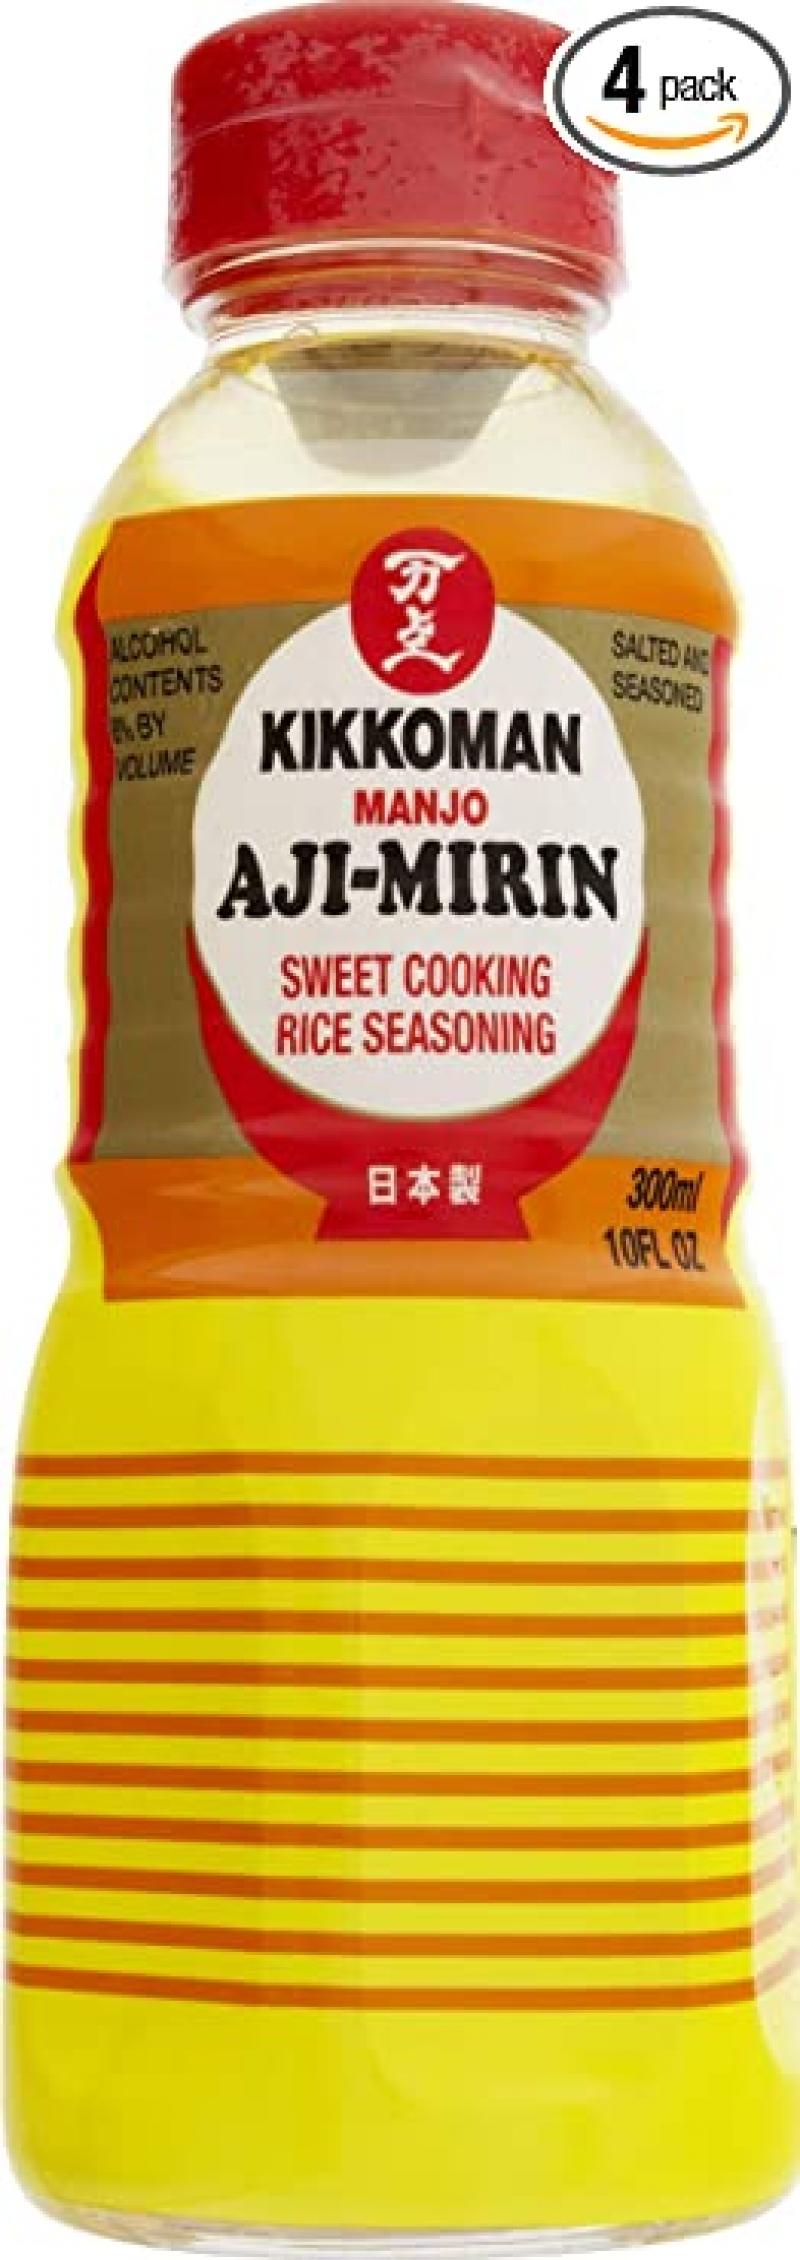 ihocon: Kikkoman Aji-mirin, 10-Ounce Bottle (Pack of 4) 味霖(日本製)